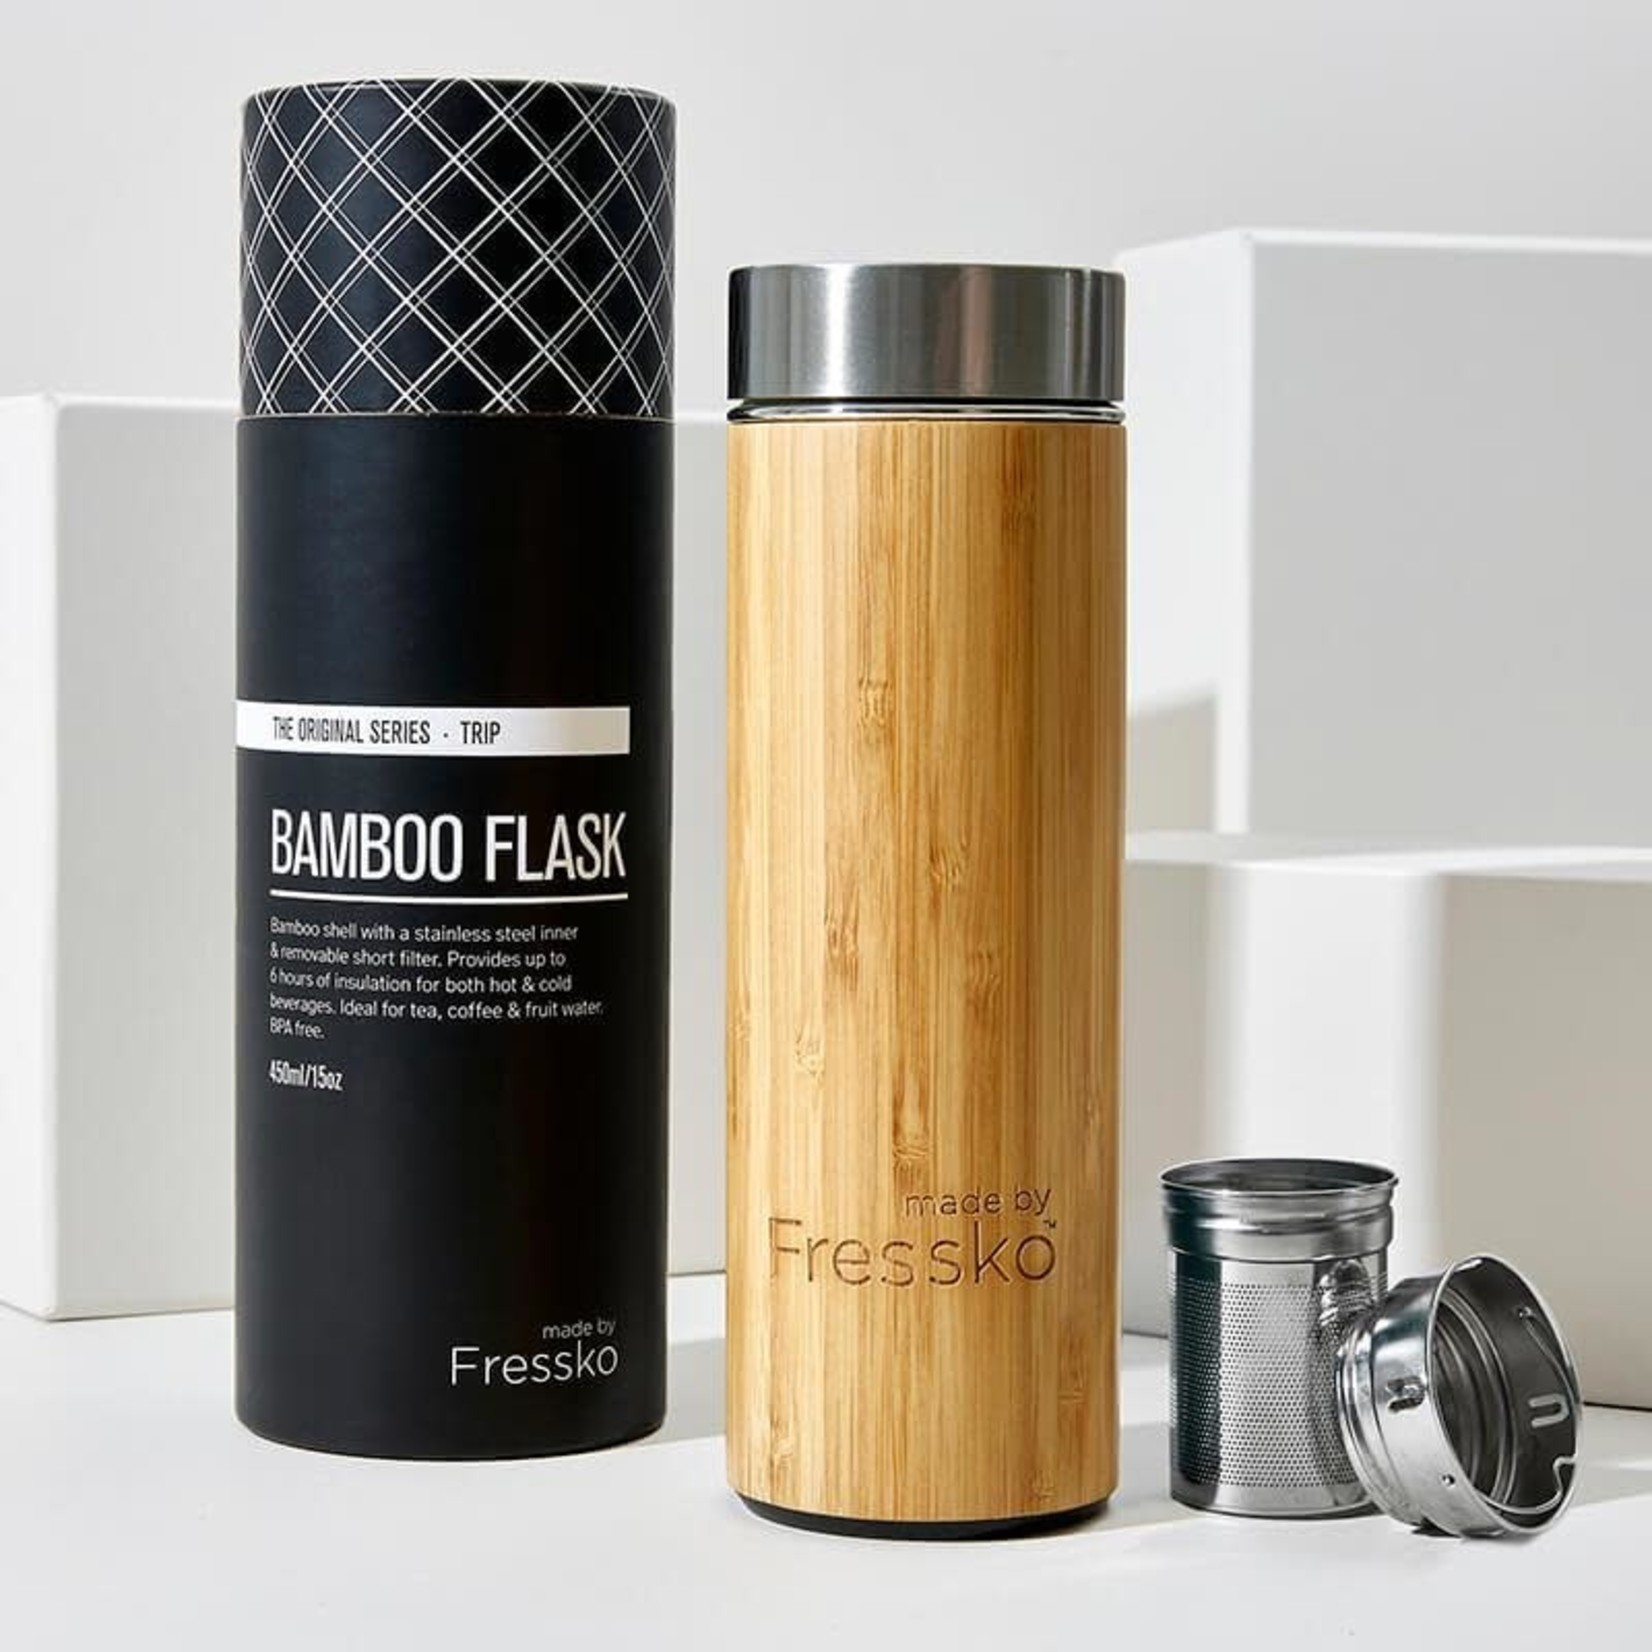 Made By Fressko Made By Fressko Bamboo Flask